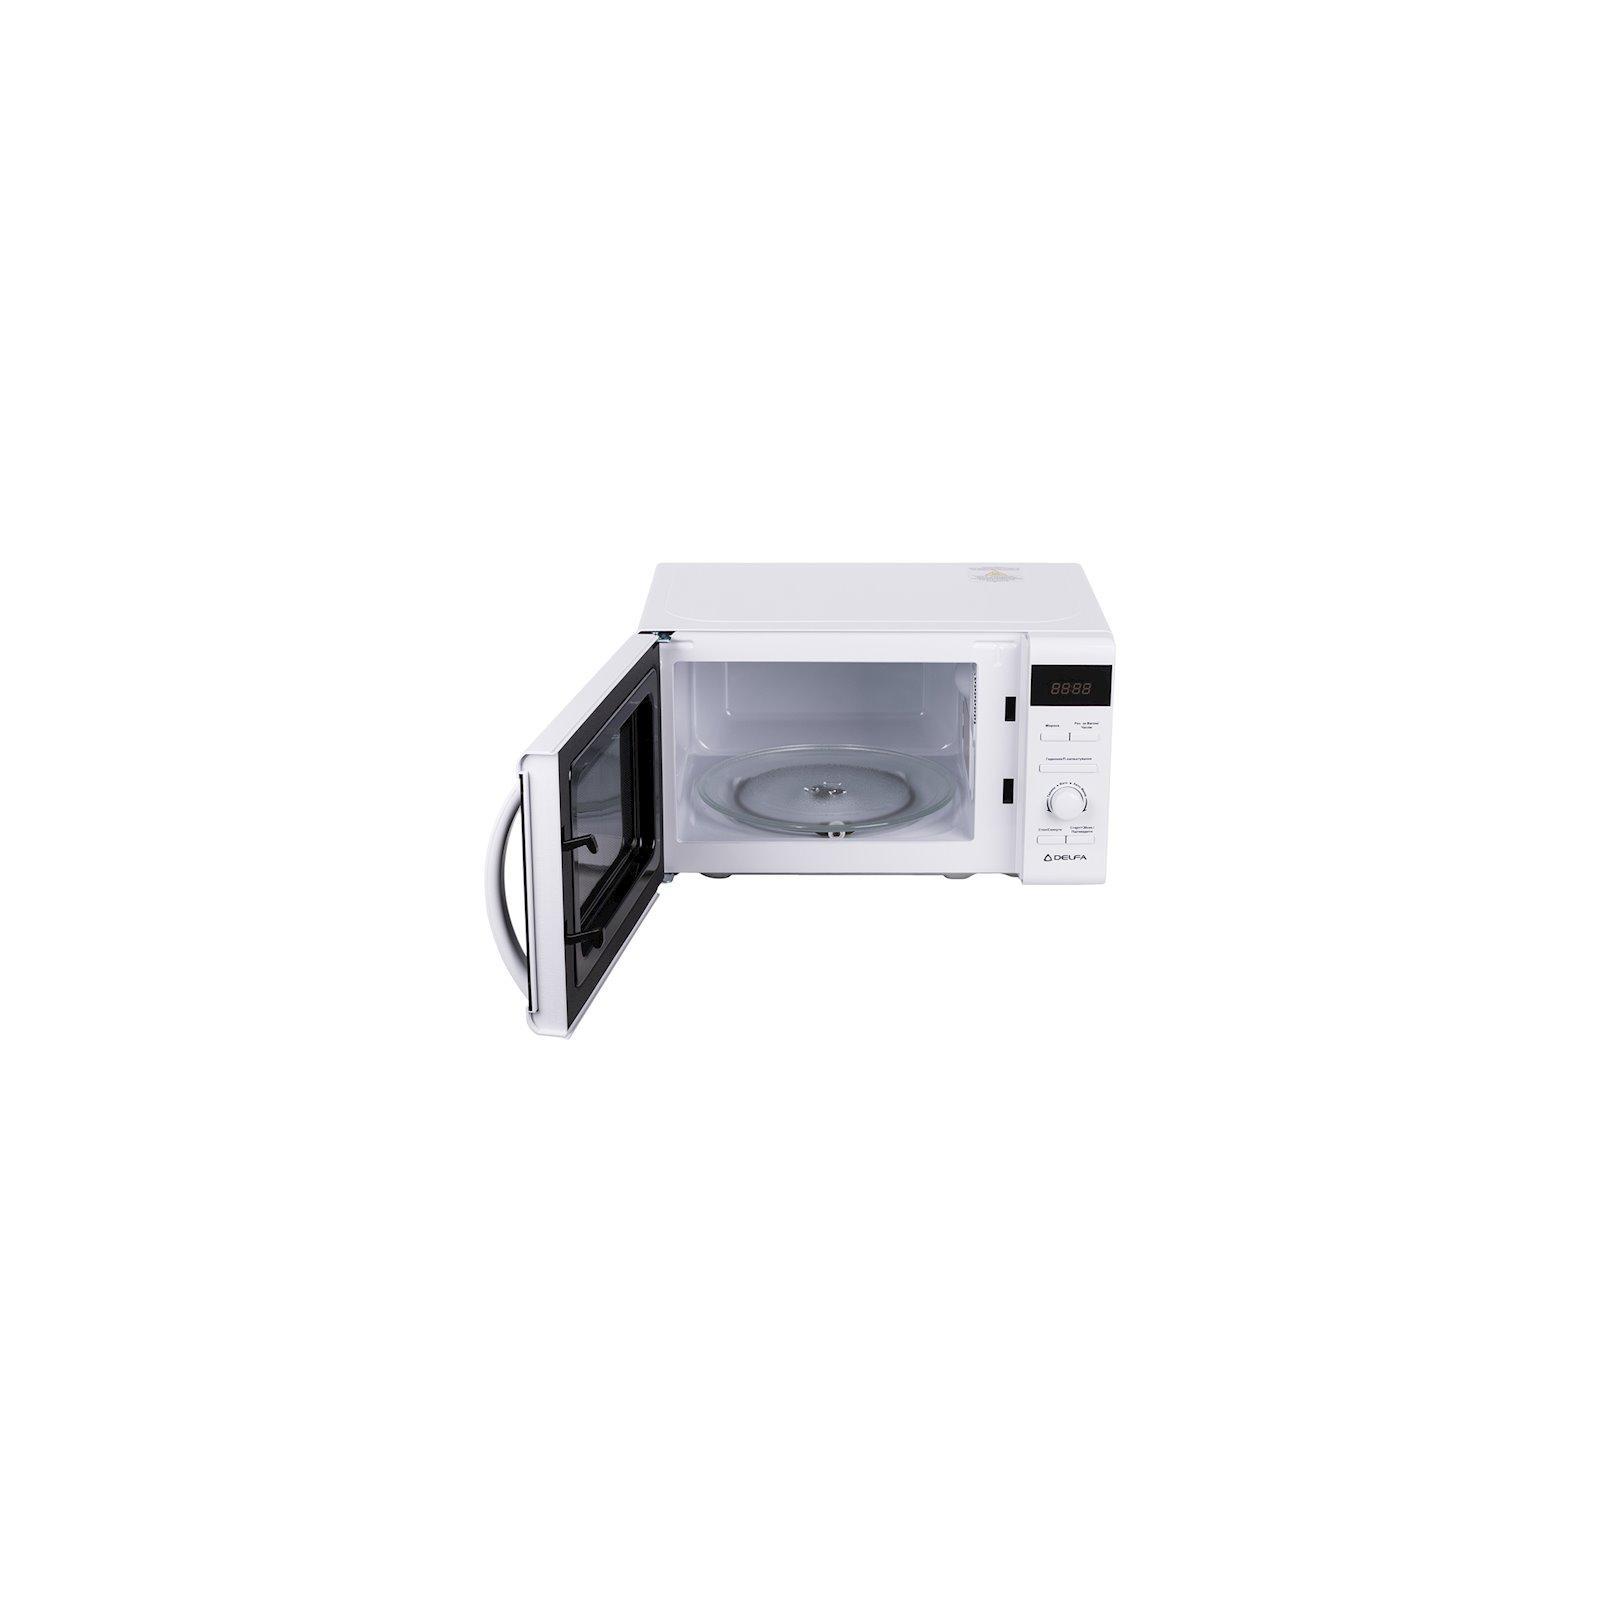 Микроволновая печь Delfa MD201DW изображение 3